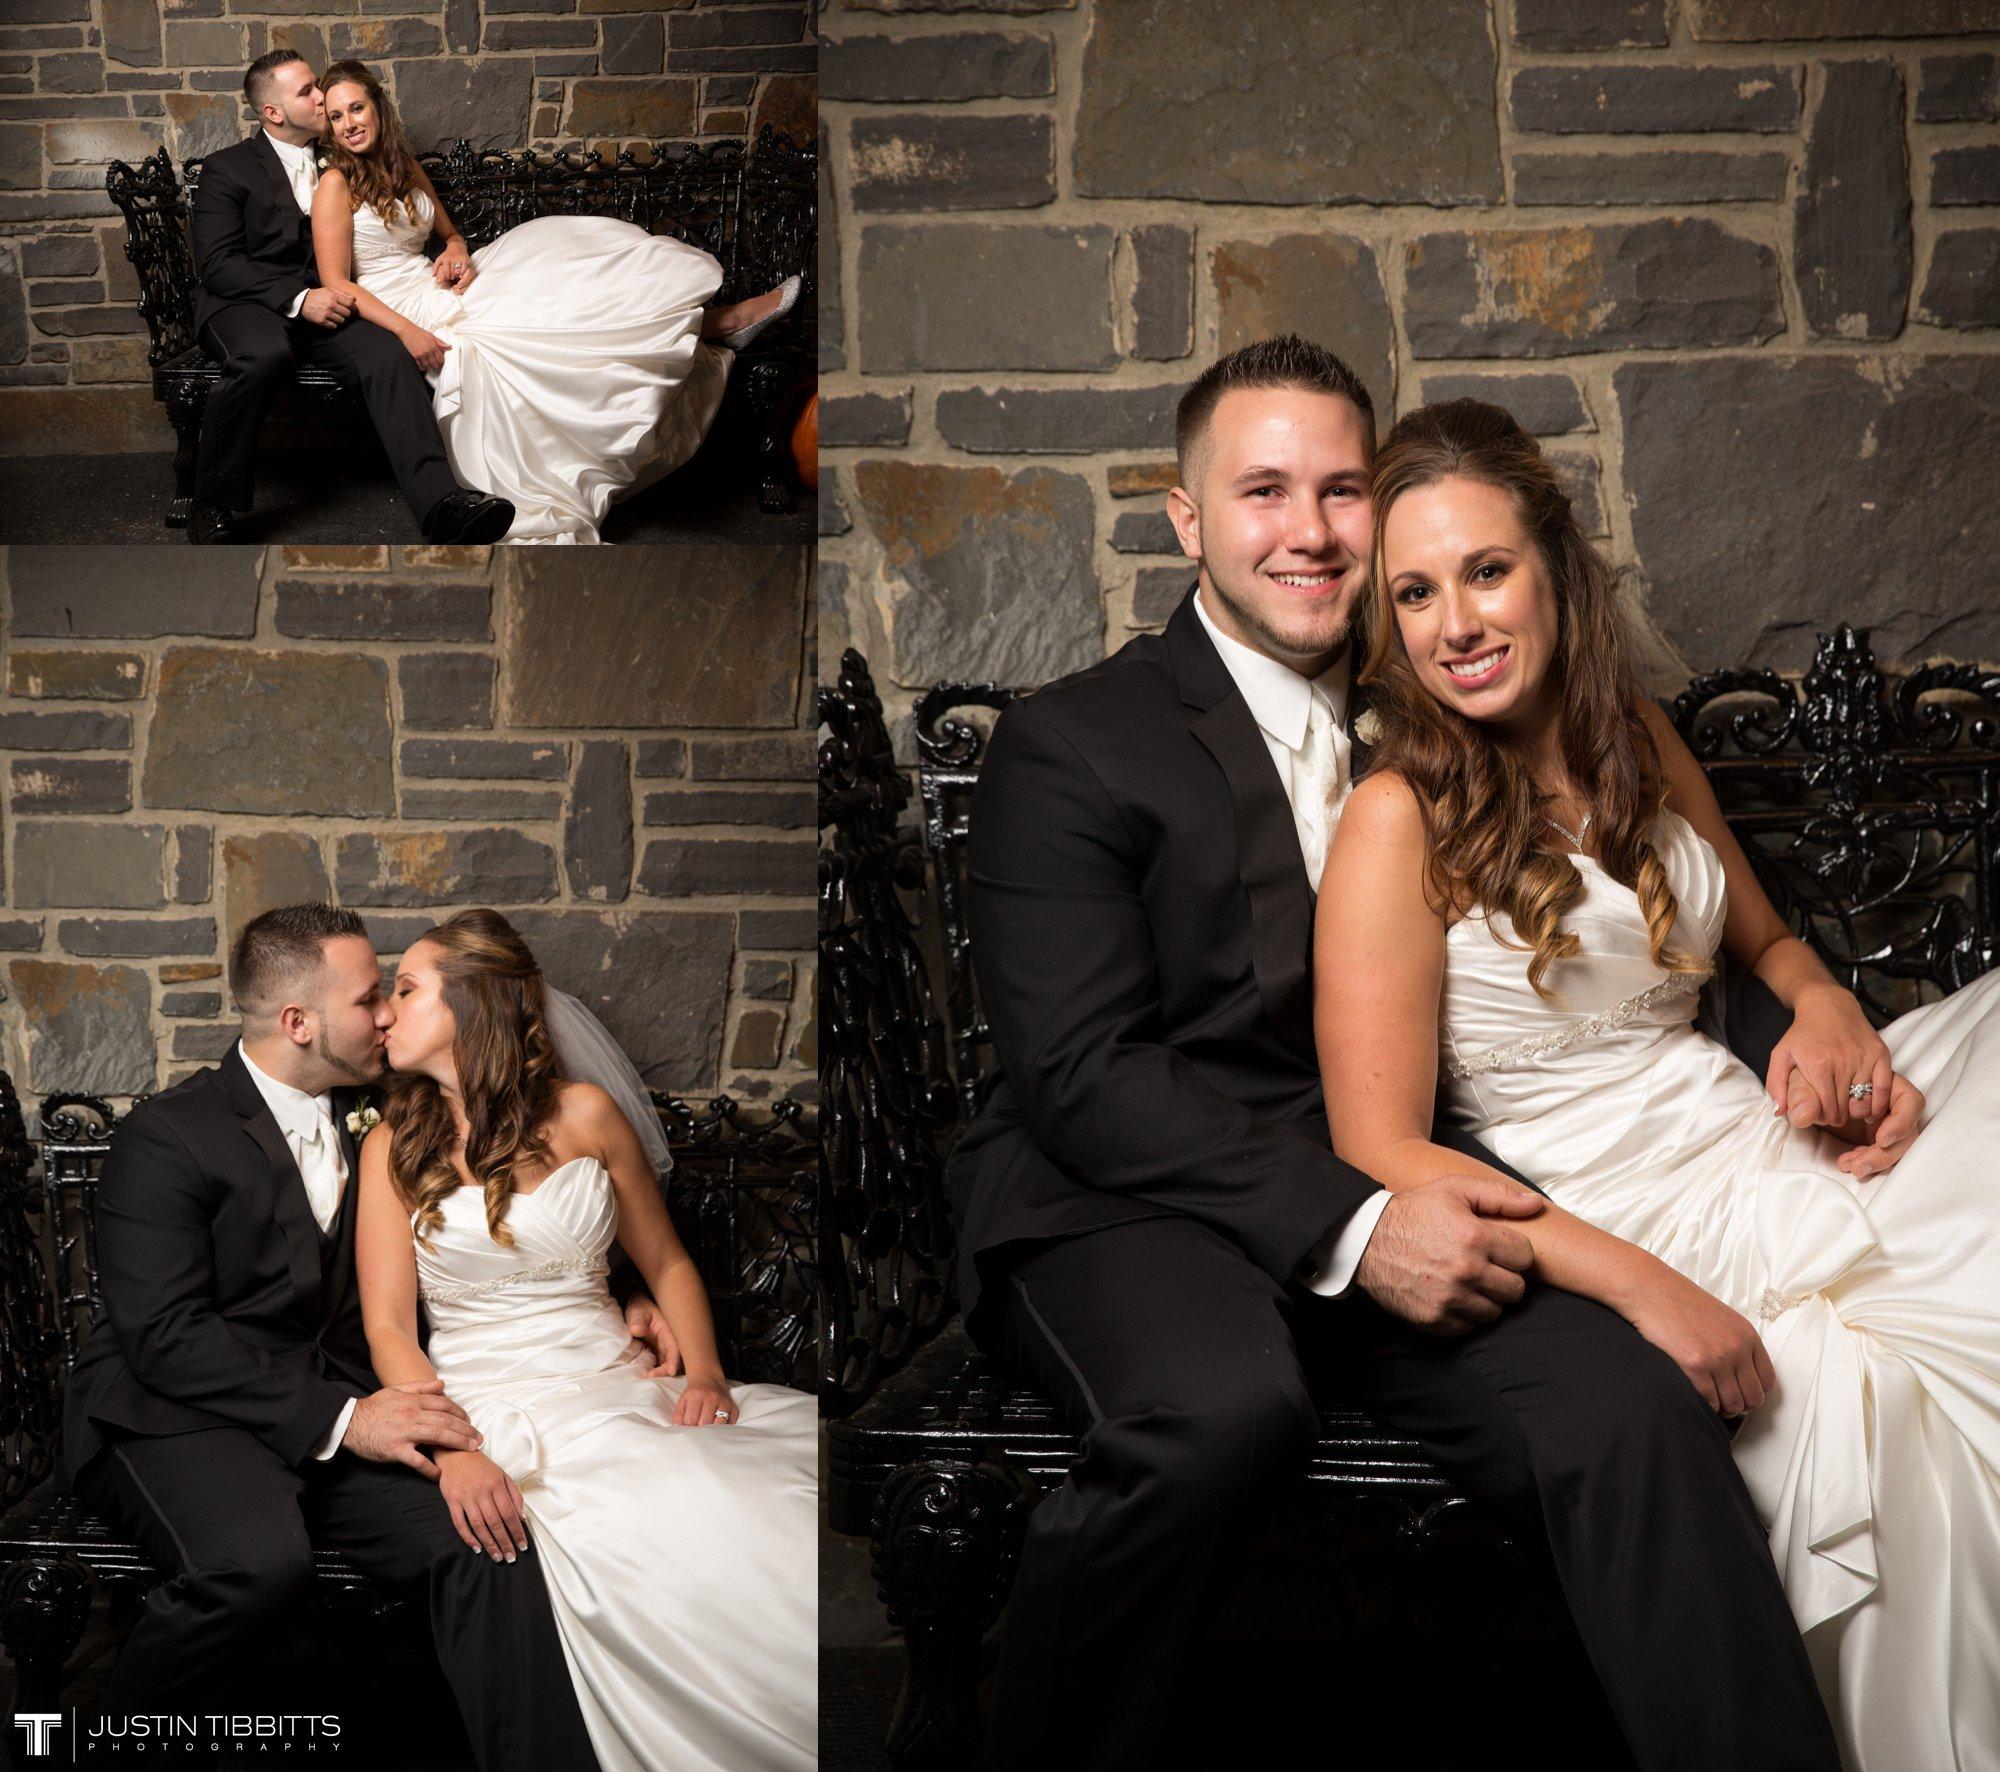 Albany NY Wedding Photographer Justin Tibbitts Photography 2014 Best of Albany NY Weddings-400484